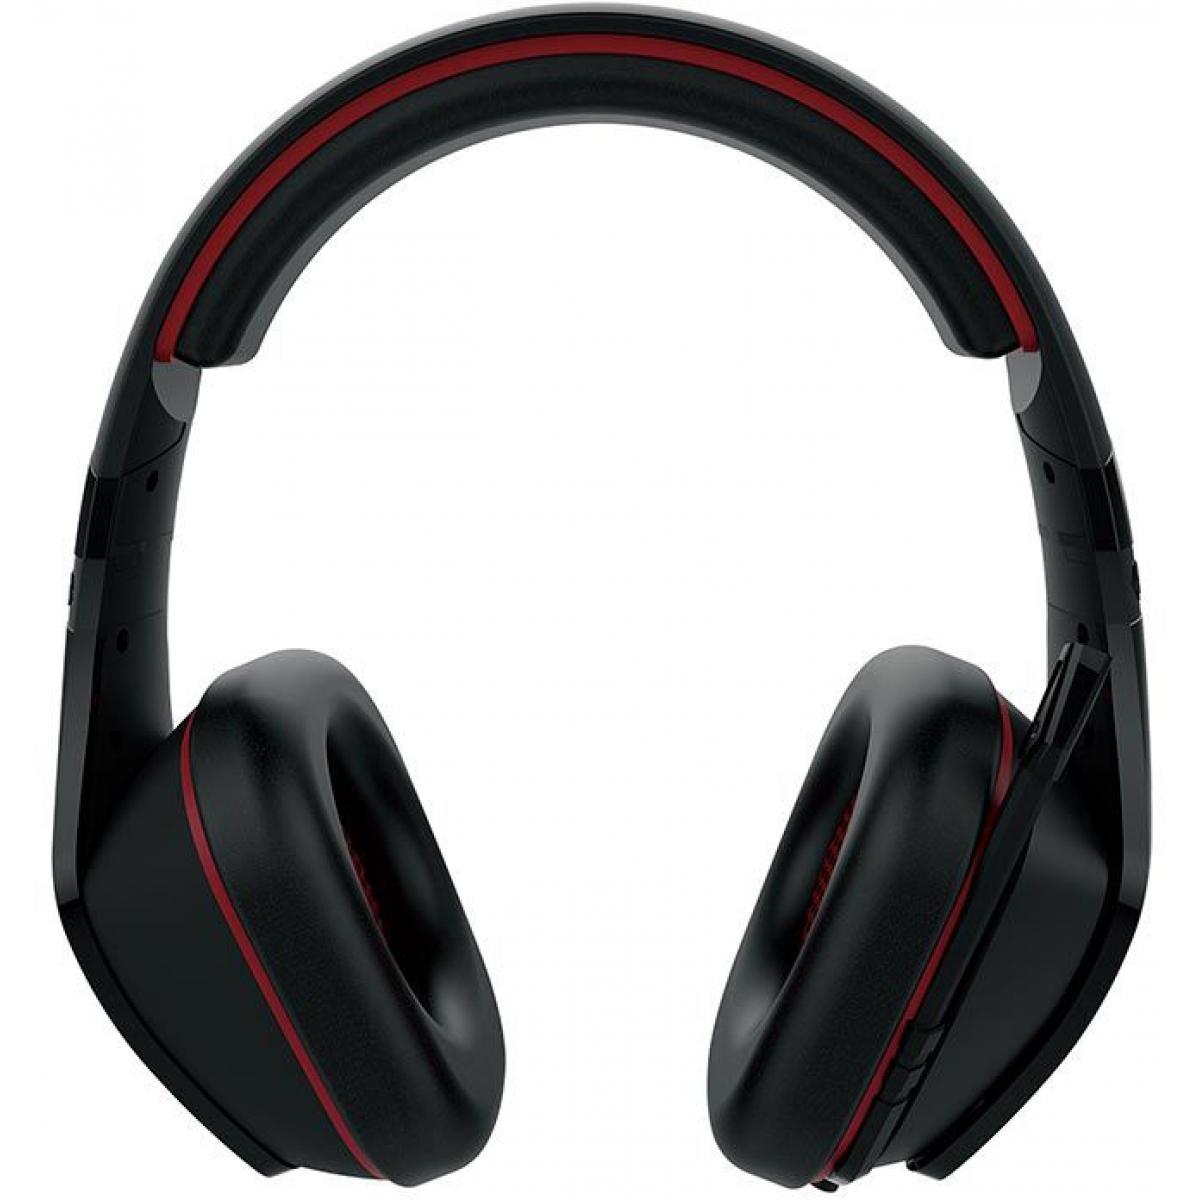 Headset Gamer Gamdias Eros E1 RGB EROS-E1 Preto/Vermelho